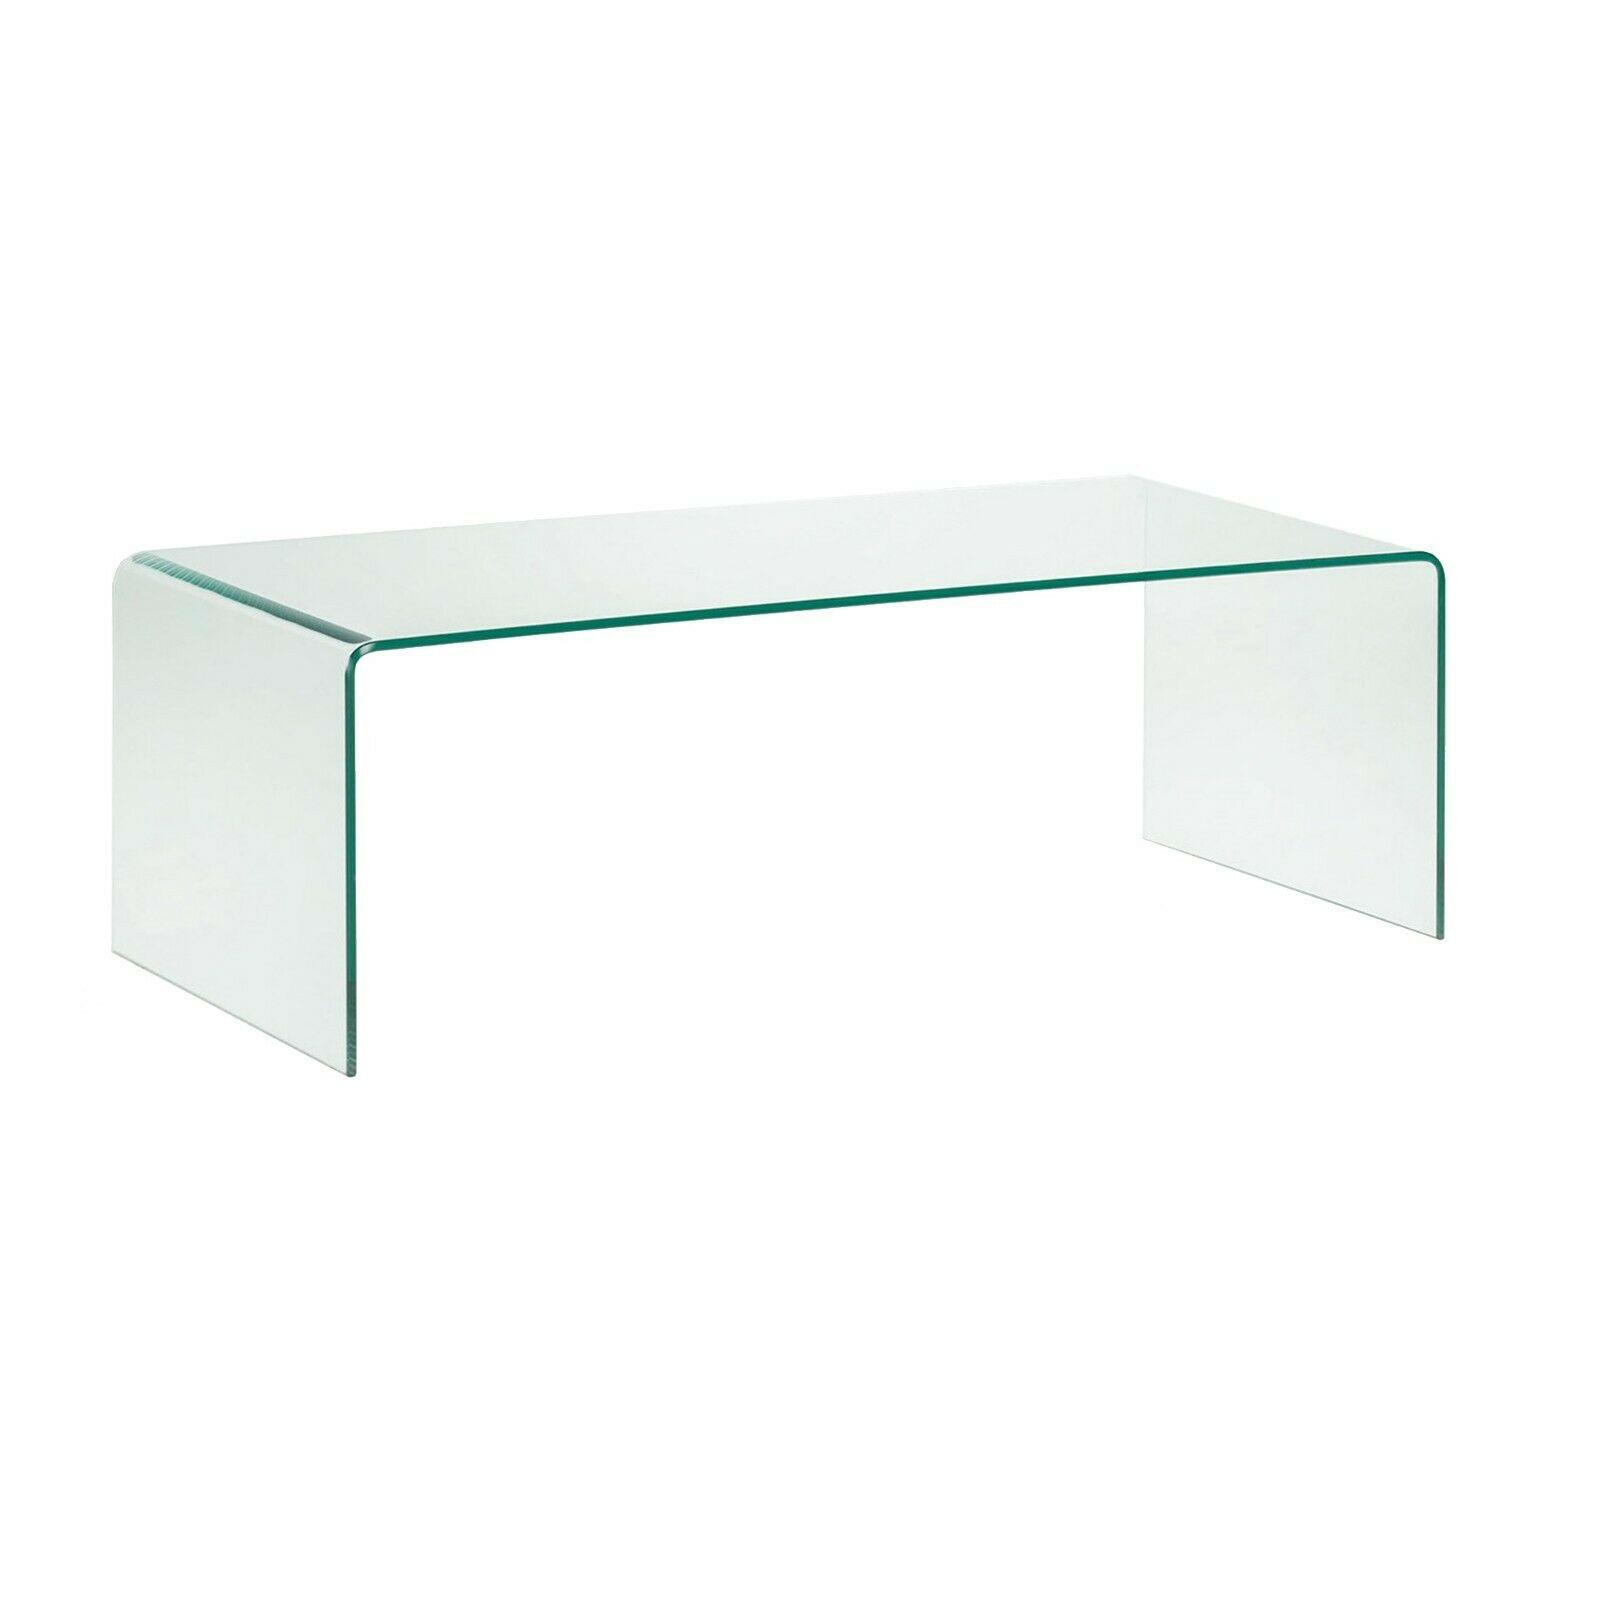 Tavolo Cristallo In Vetro.Tavolino Tavolo Basso Da Caffe Salotto Soggiorno Camera Da Pranzo